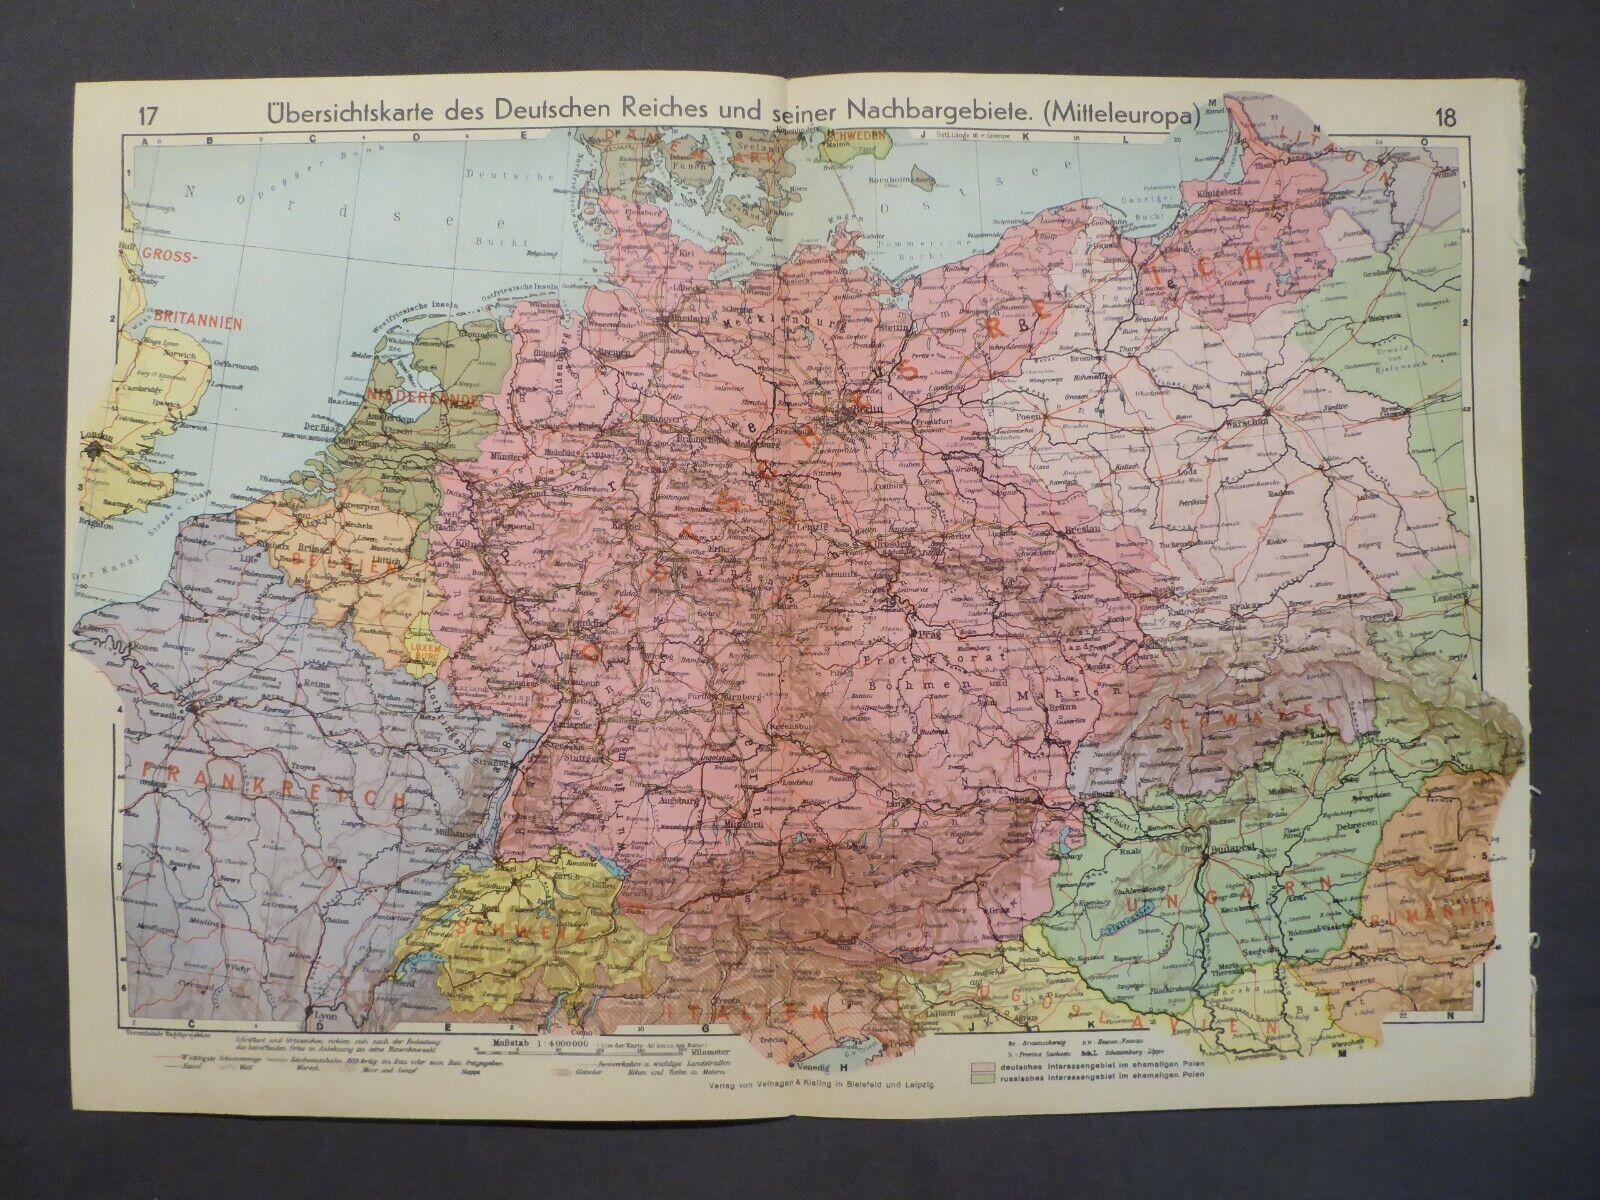 Landkarte des Deutschen Reiches und Nachbargebiete, Velhagen Klasing 1939